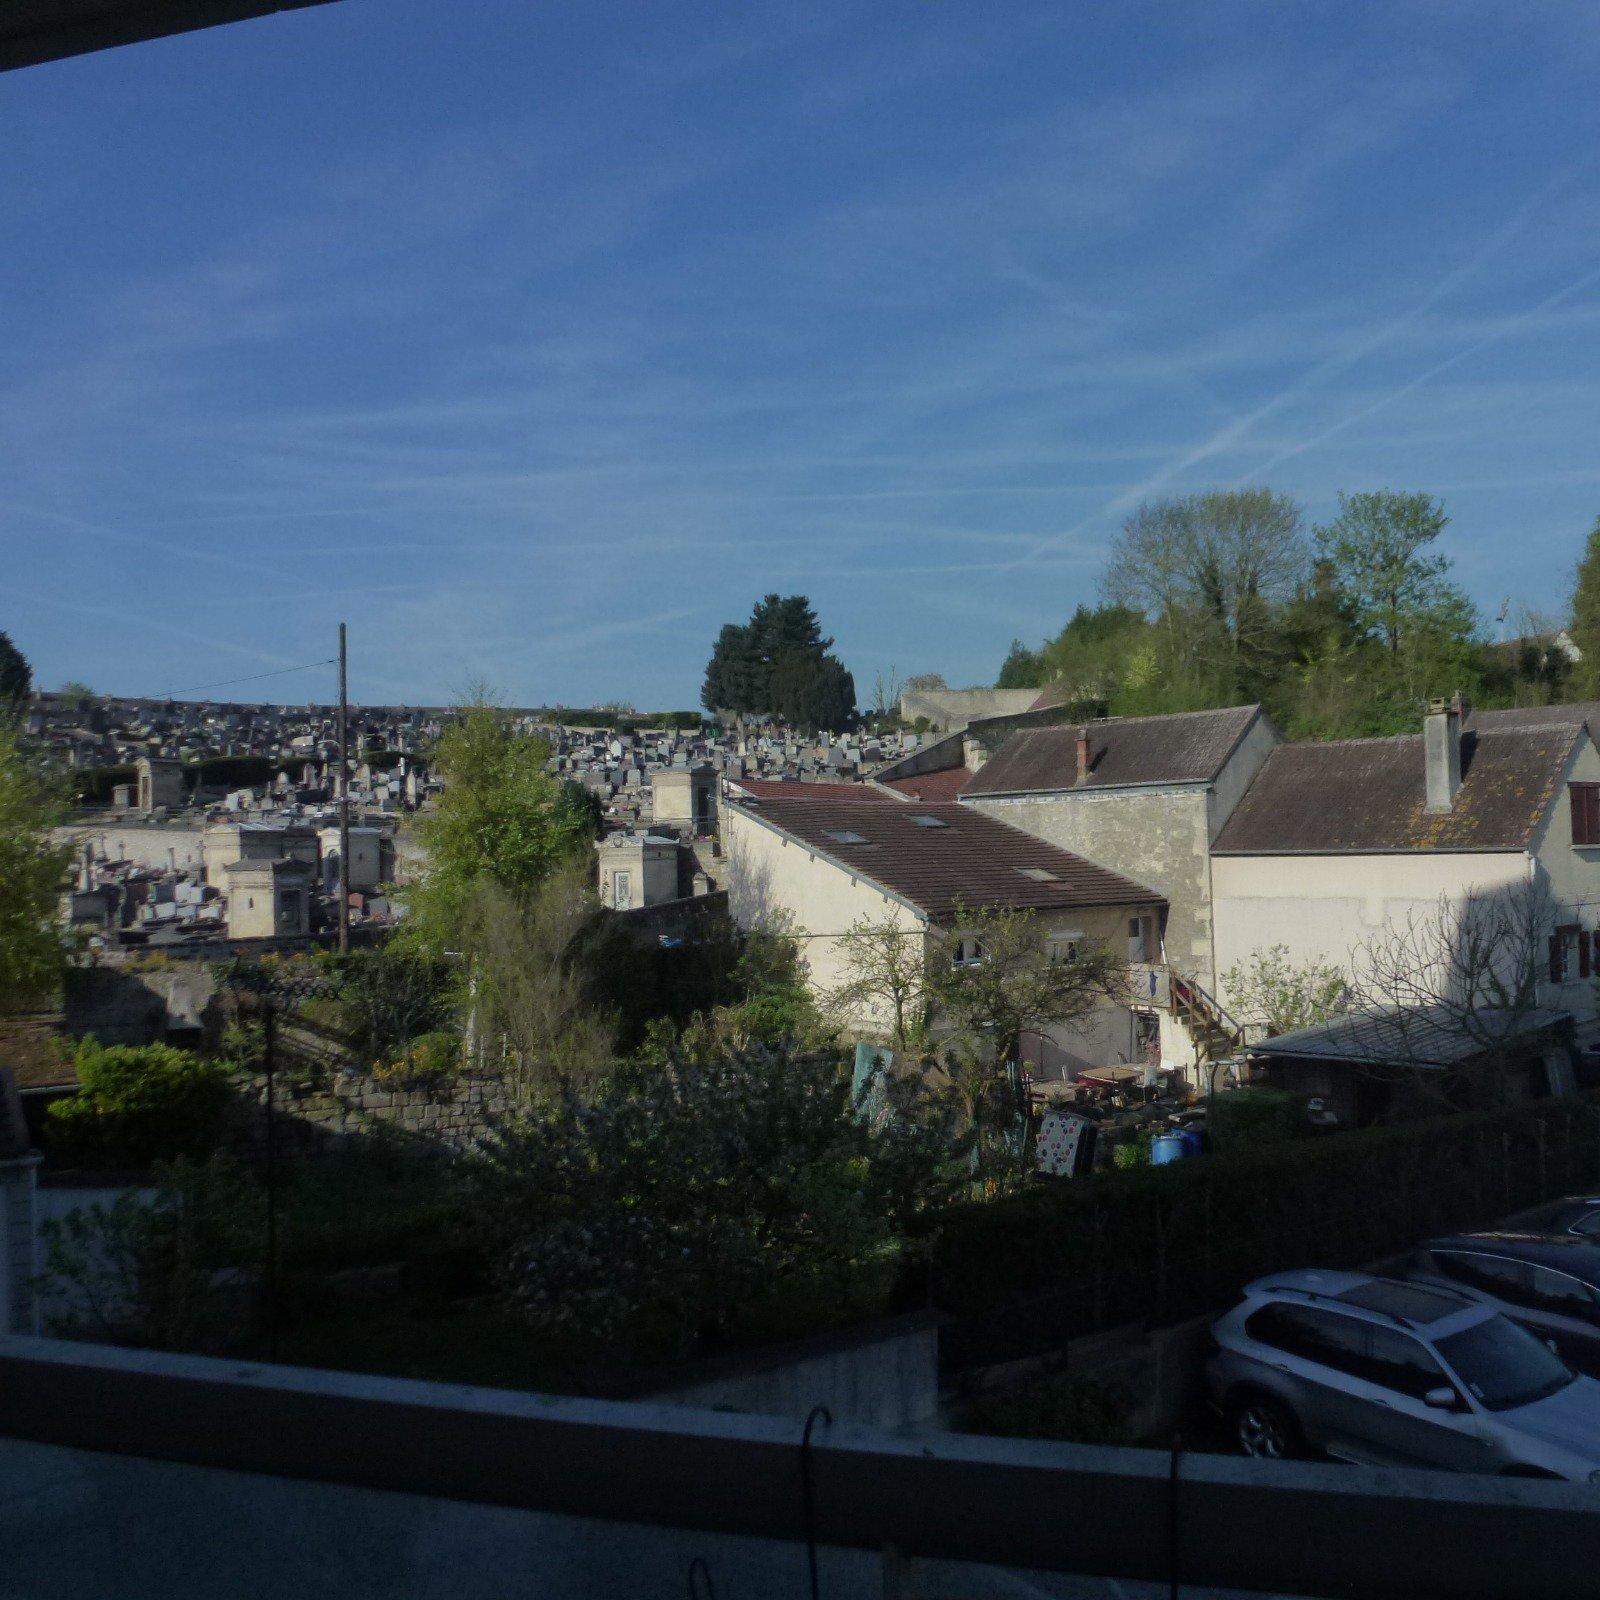 Appartement en centre ville de Creil avec une place parking privative , balcon